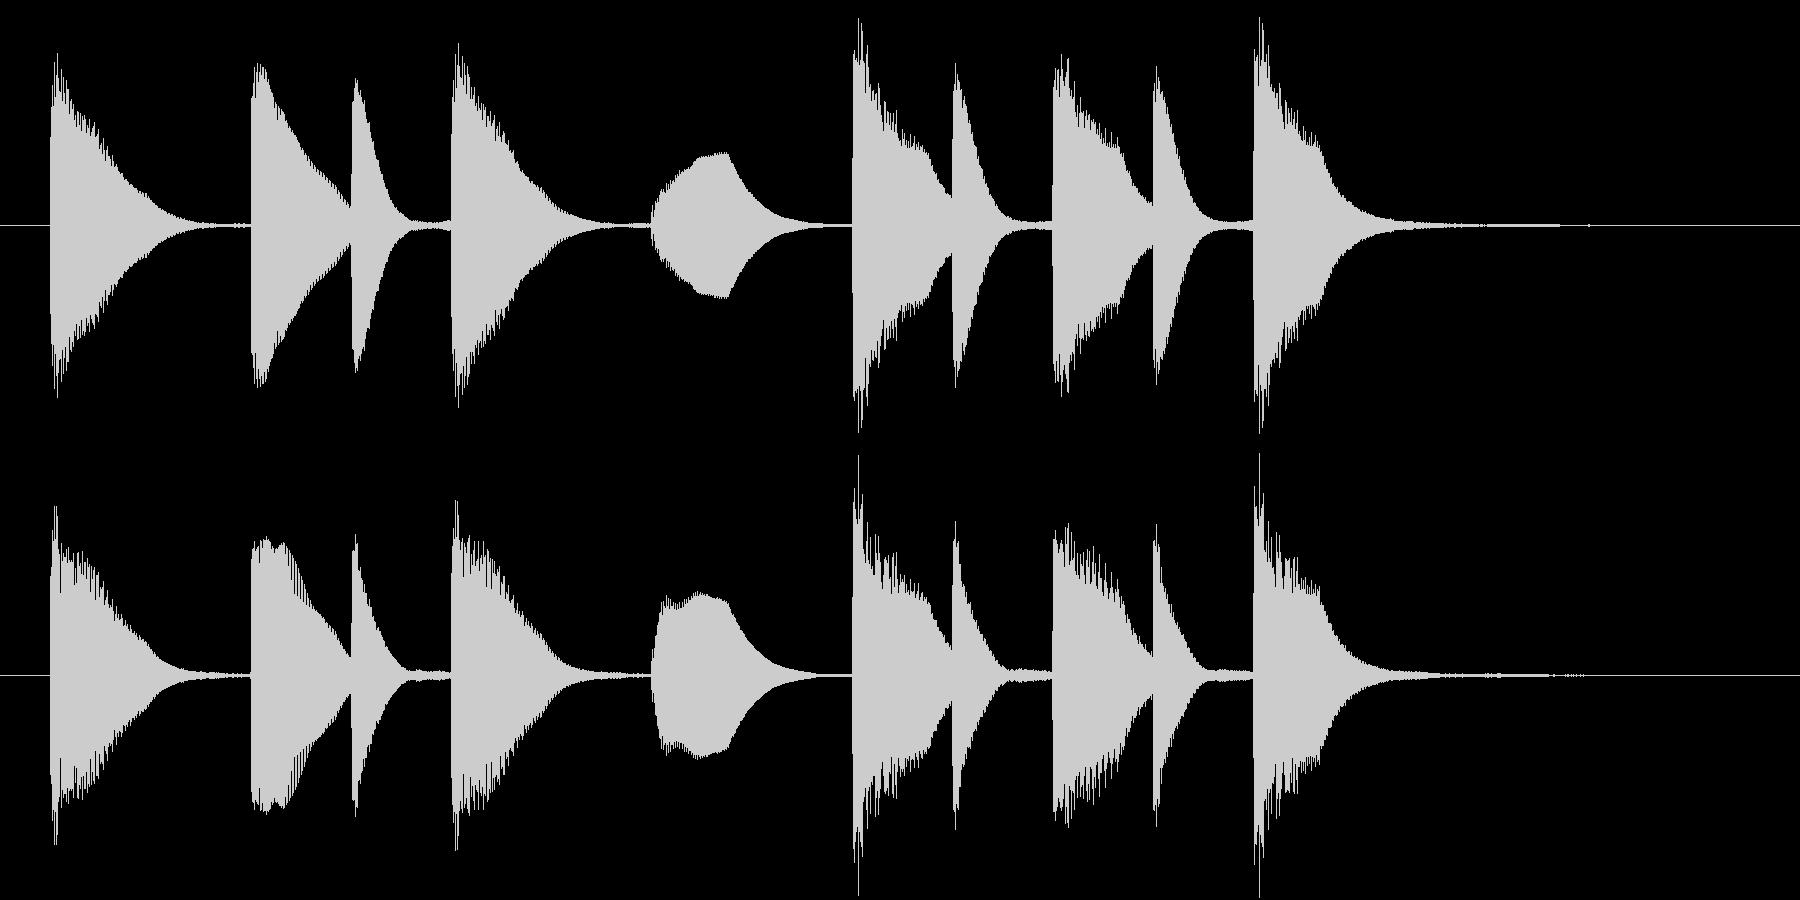 日本の呼びかけ風なジングルの未再生の波形